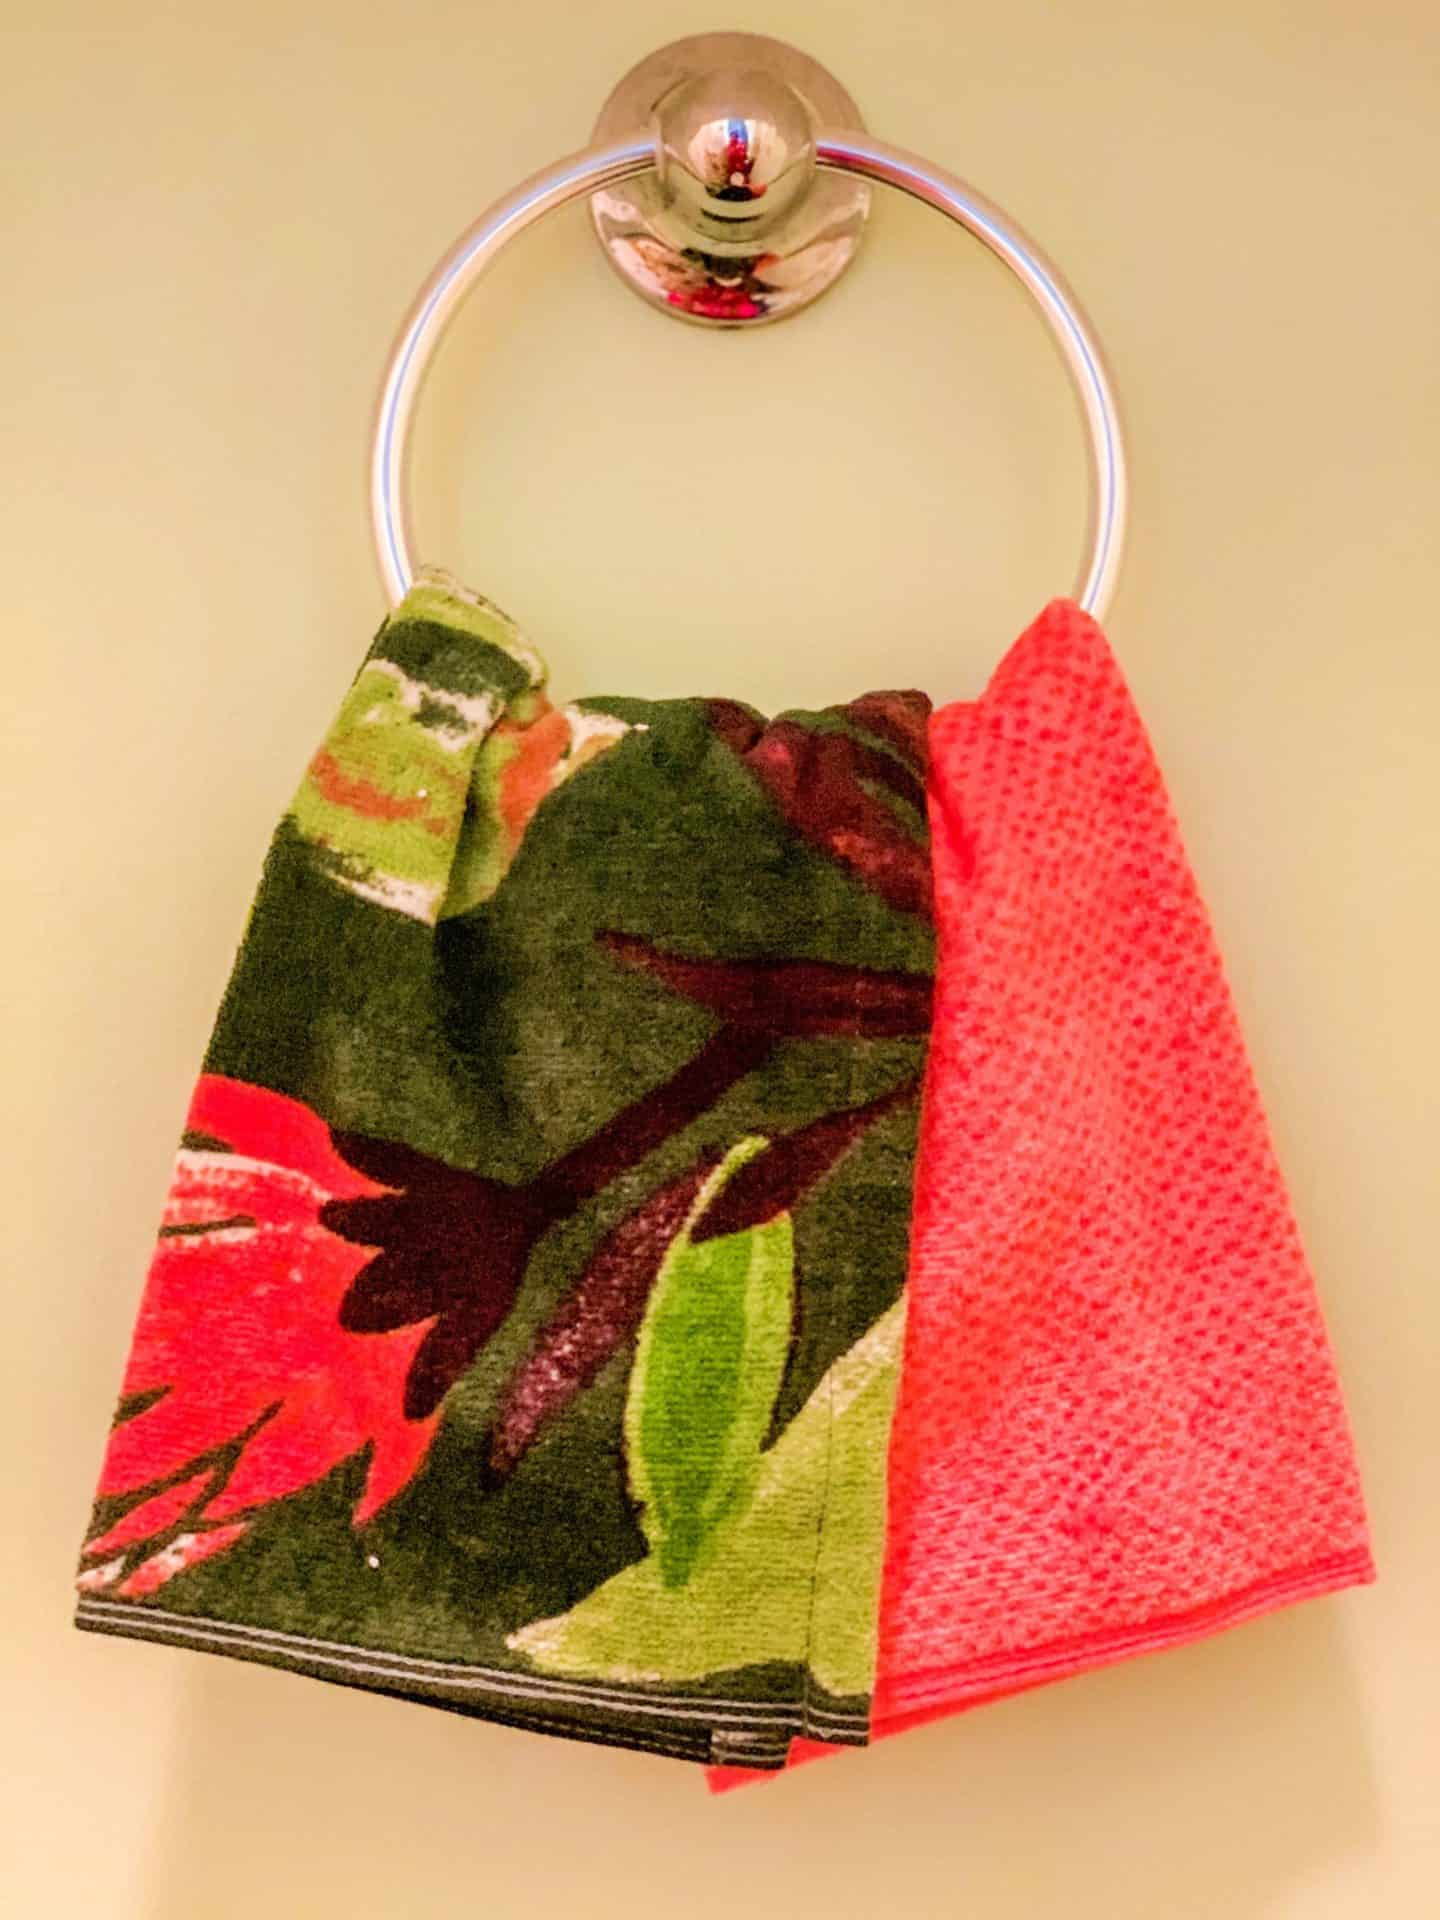 Shaunda Necole- Target Opalhouse Bohemian set of 6 washcloths